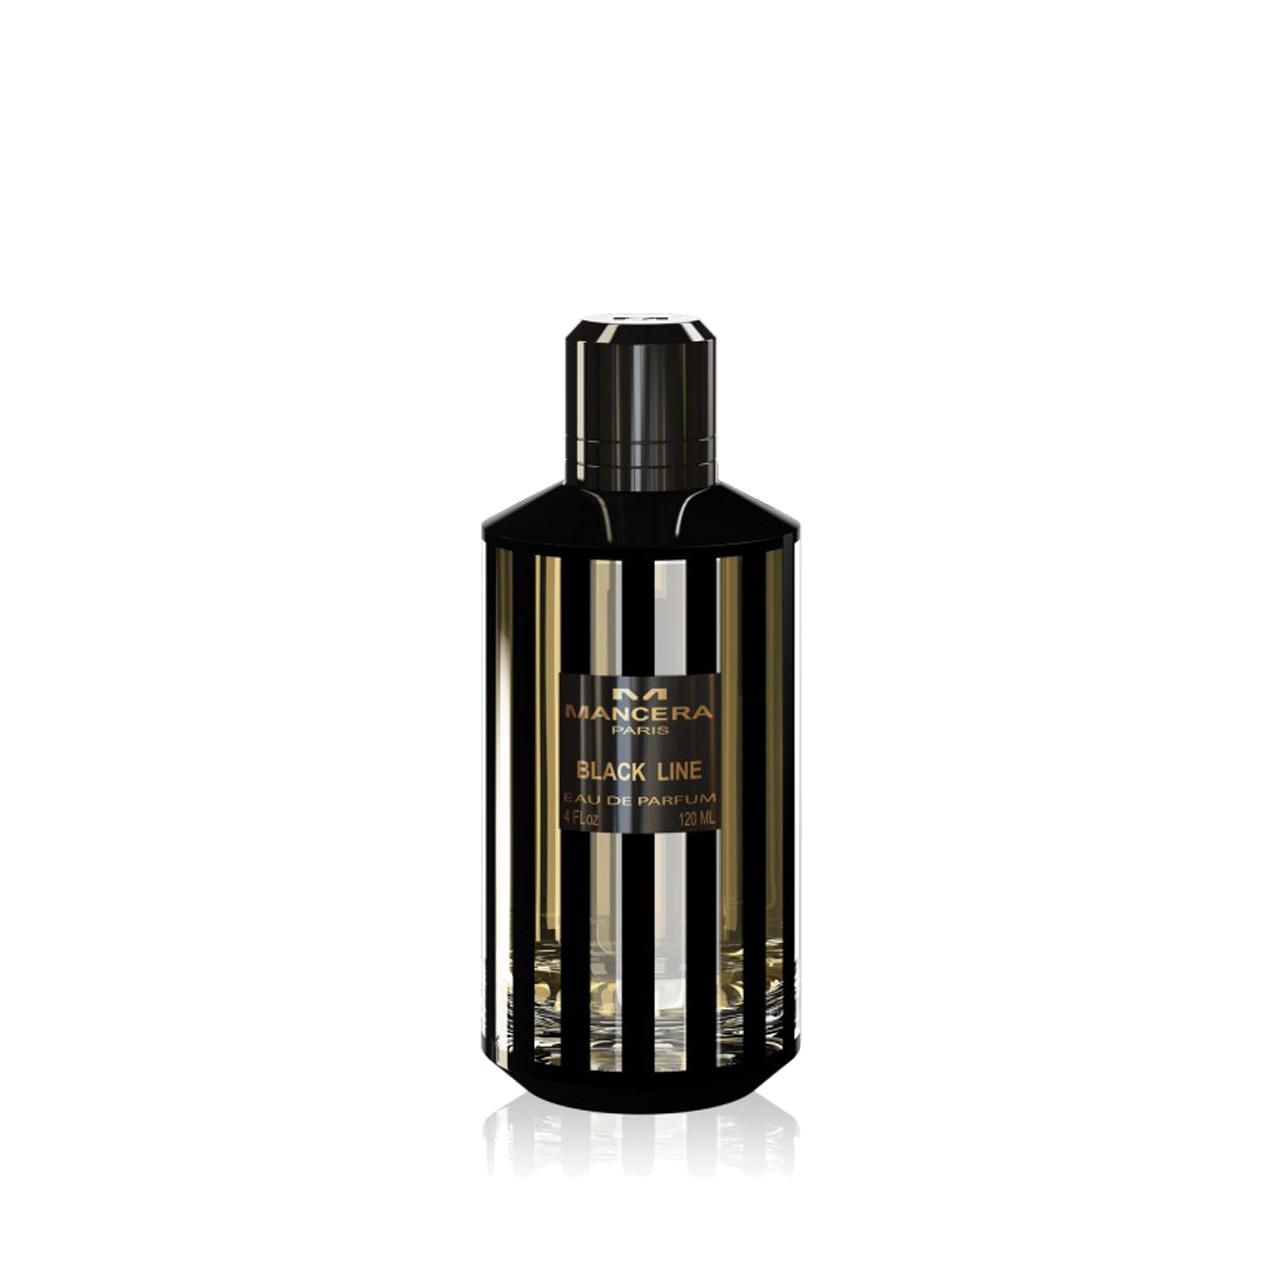 Black Line - Eau de Parfum